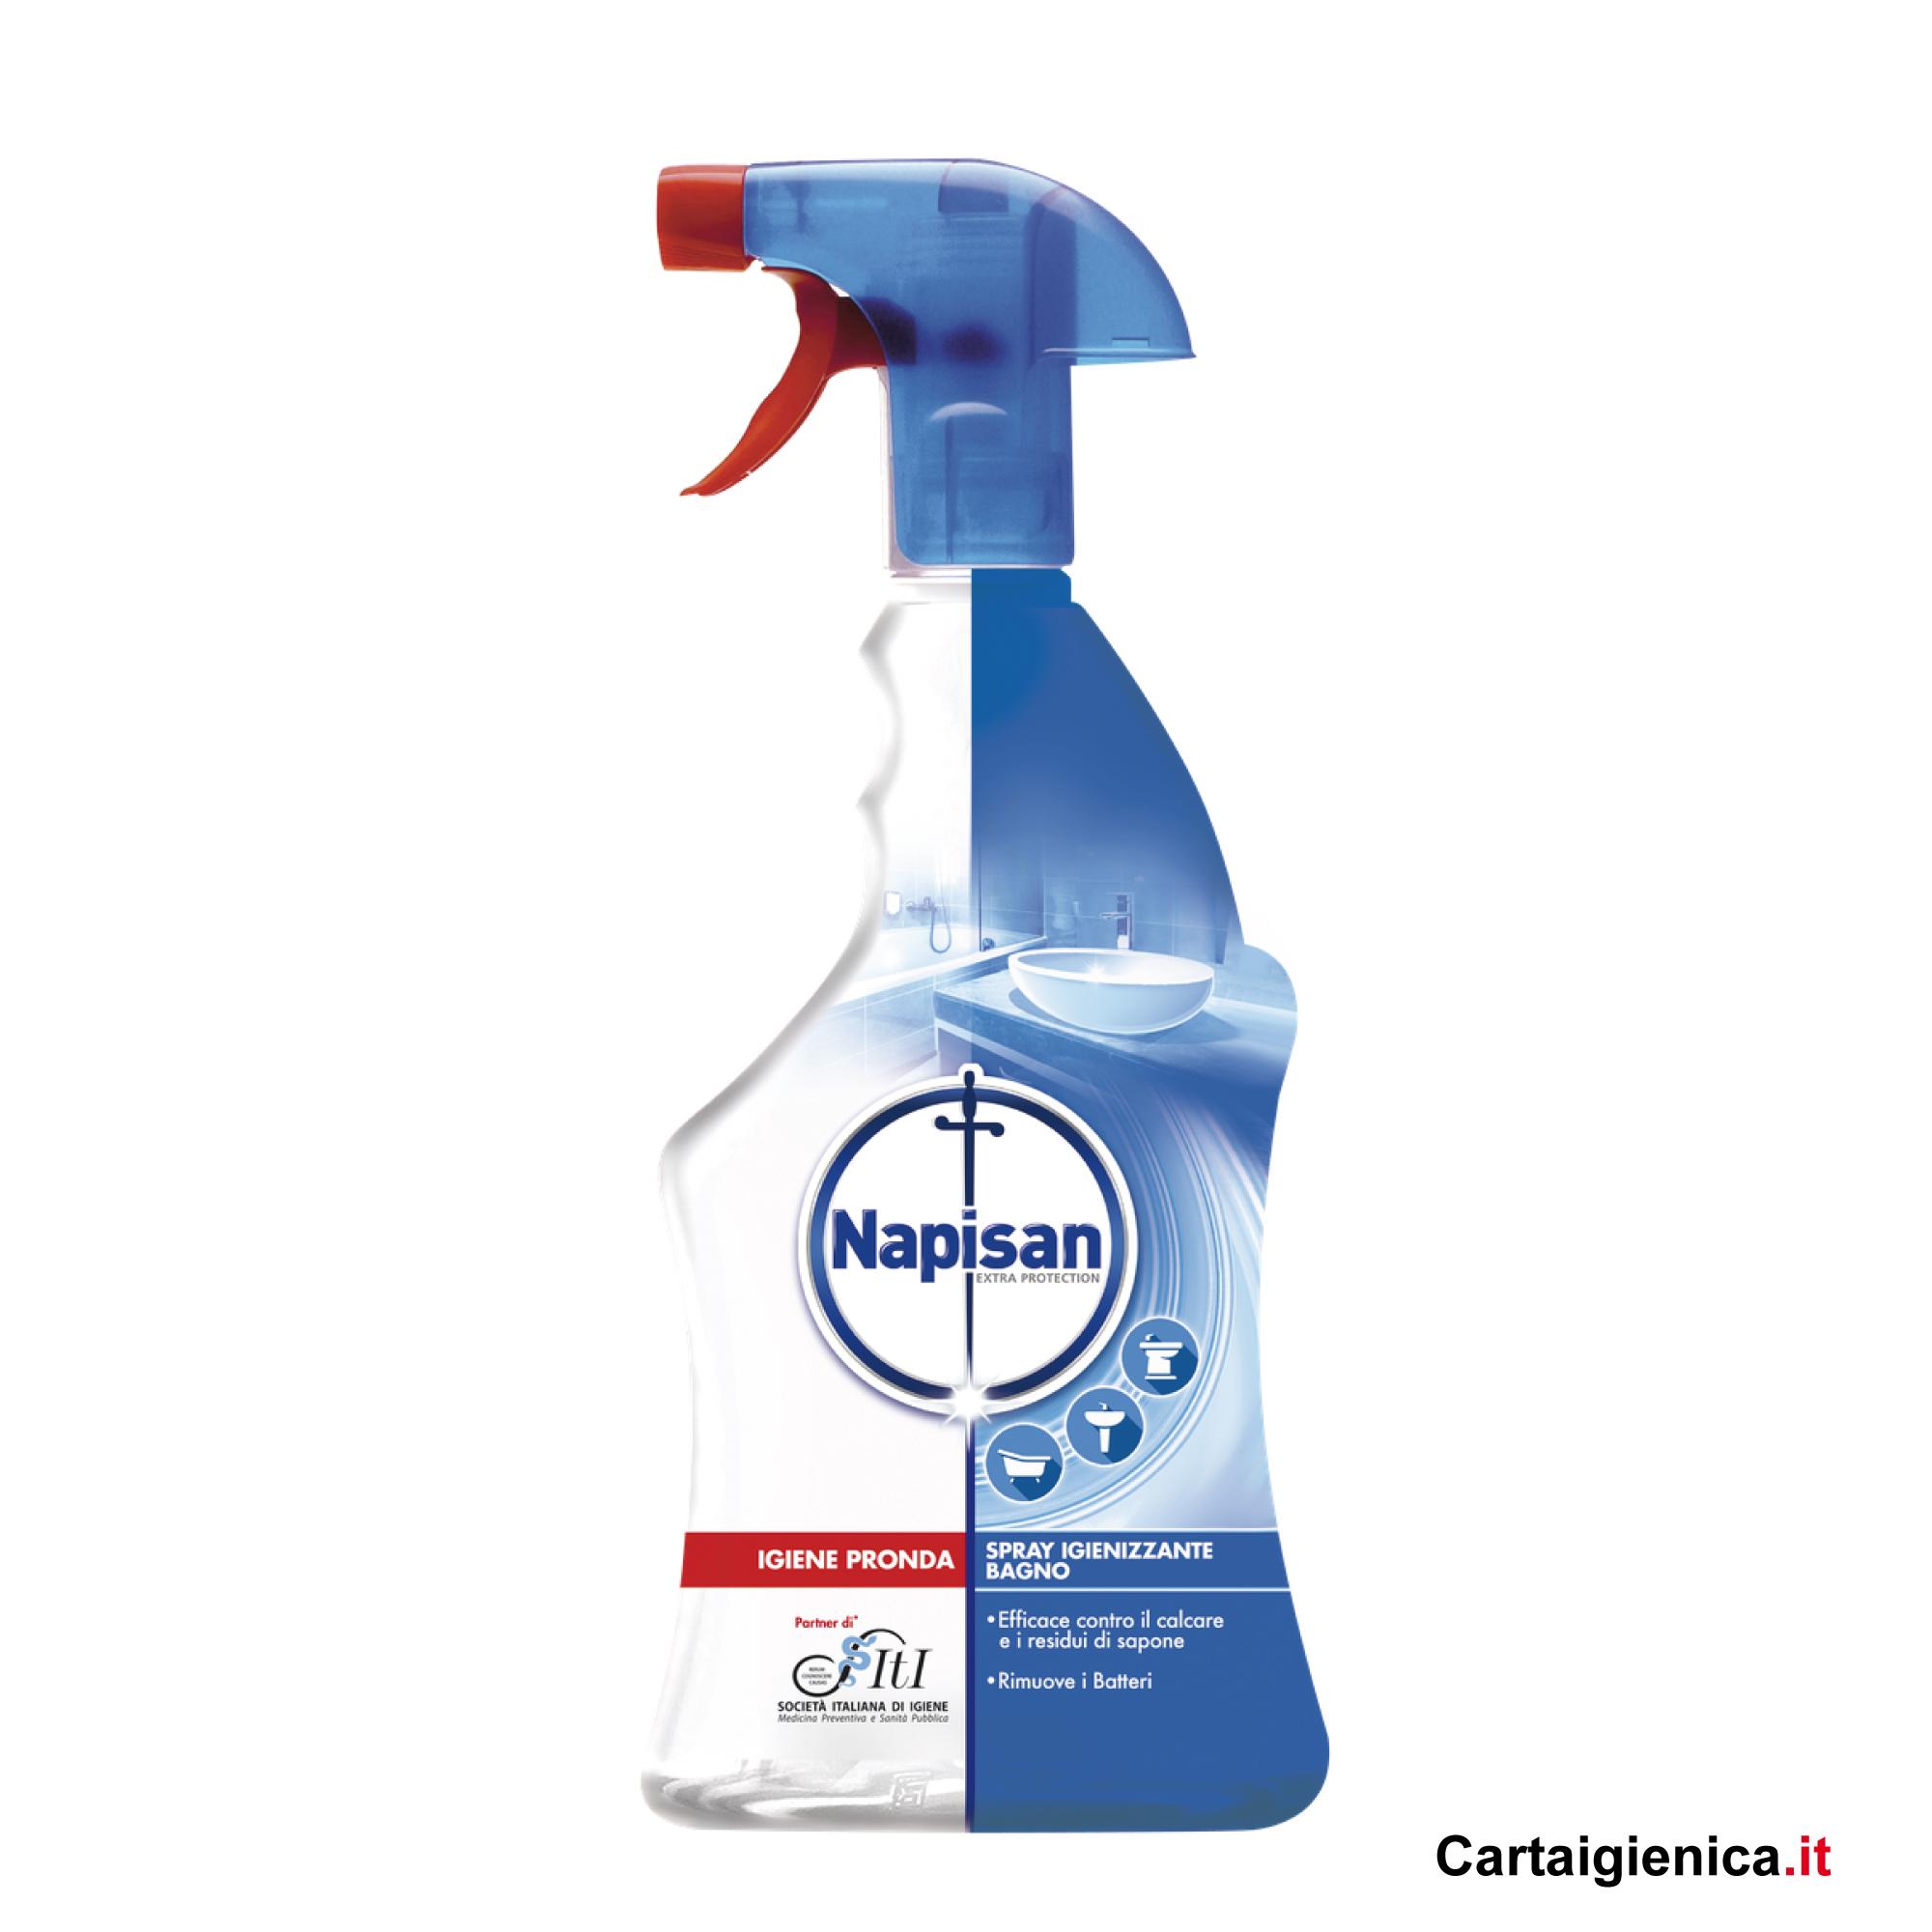 Napisan Igiene Profonda Spray Igienizzante 500 ml